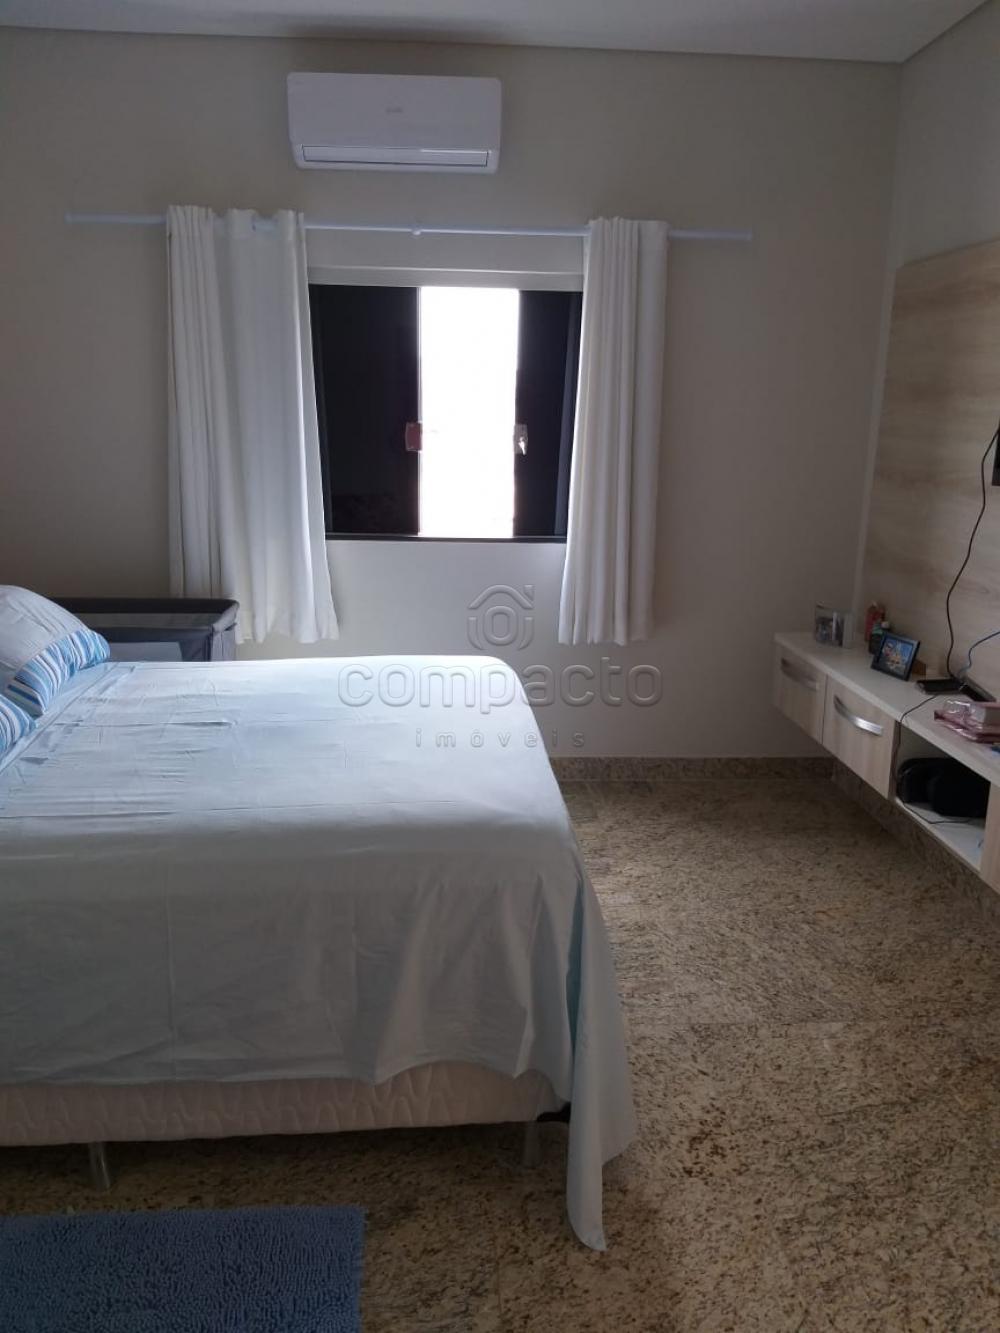 Comprar Casa / Condomínio em São José do Rio Preto apenas R$ 720.000,00 - Foto 14